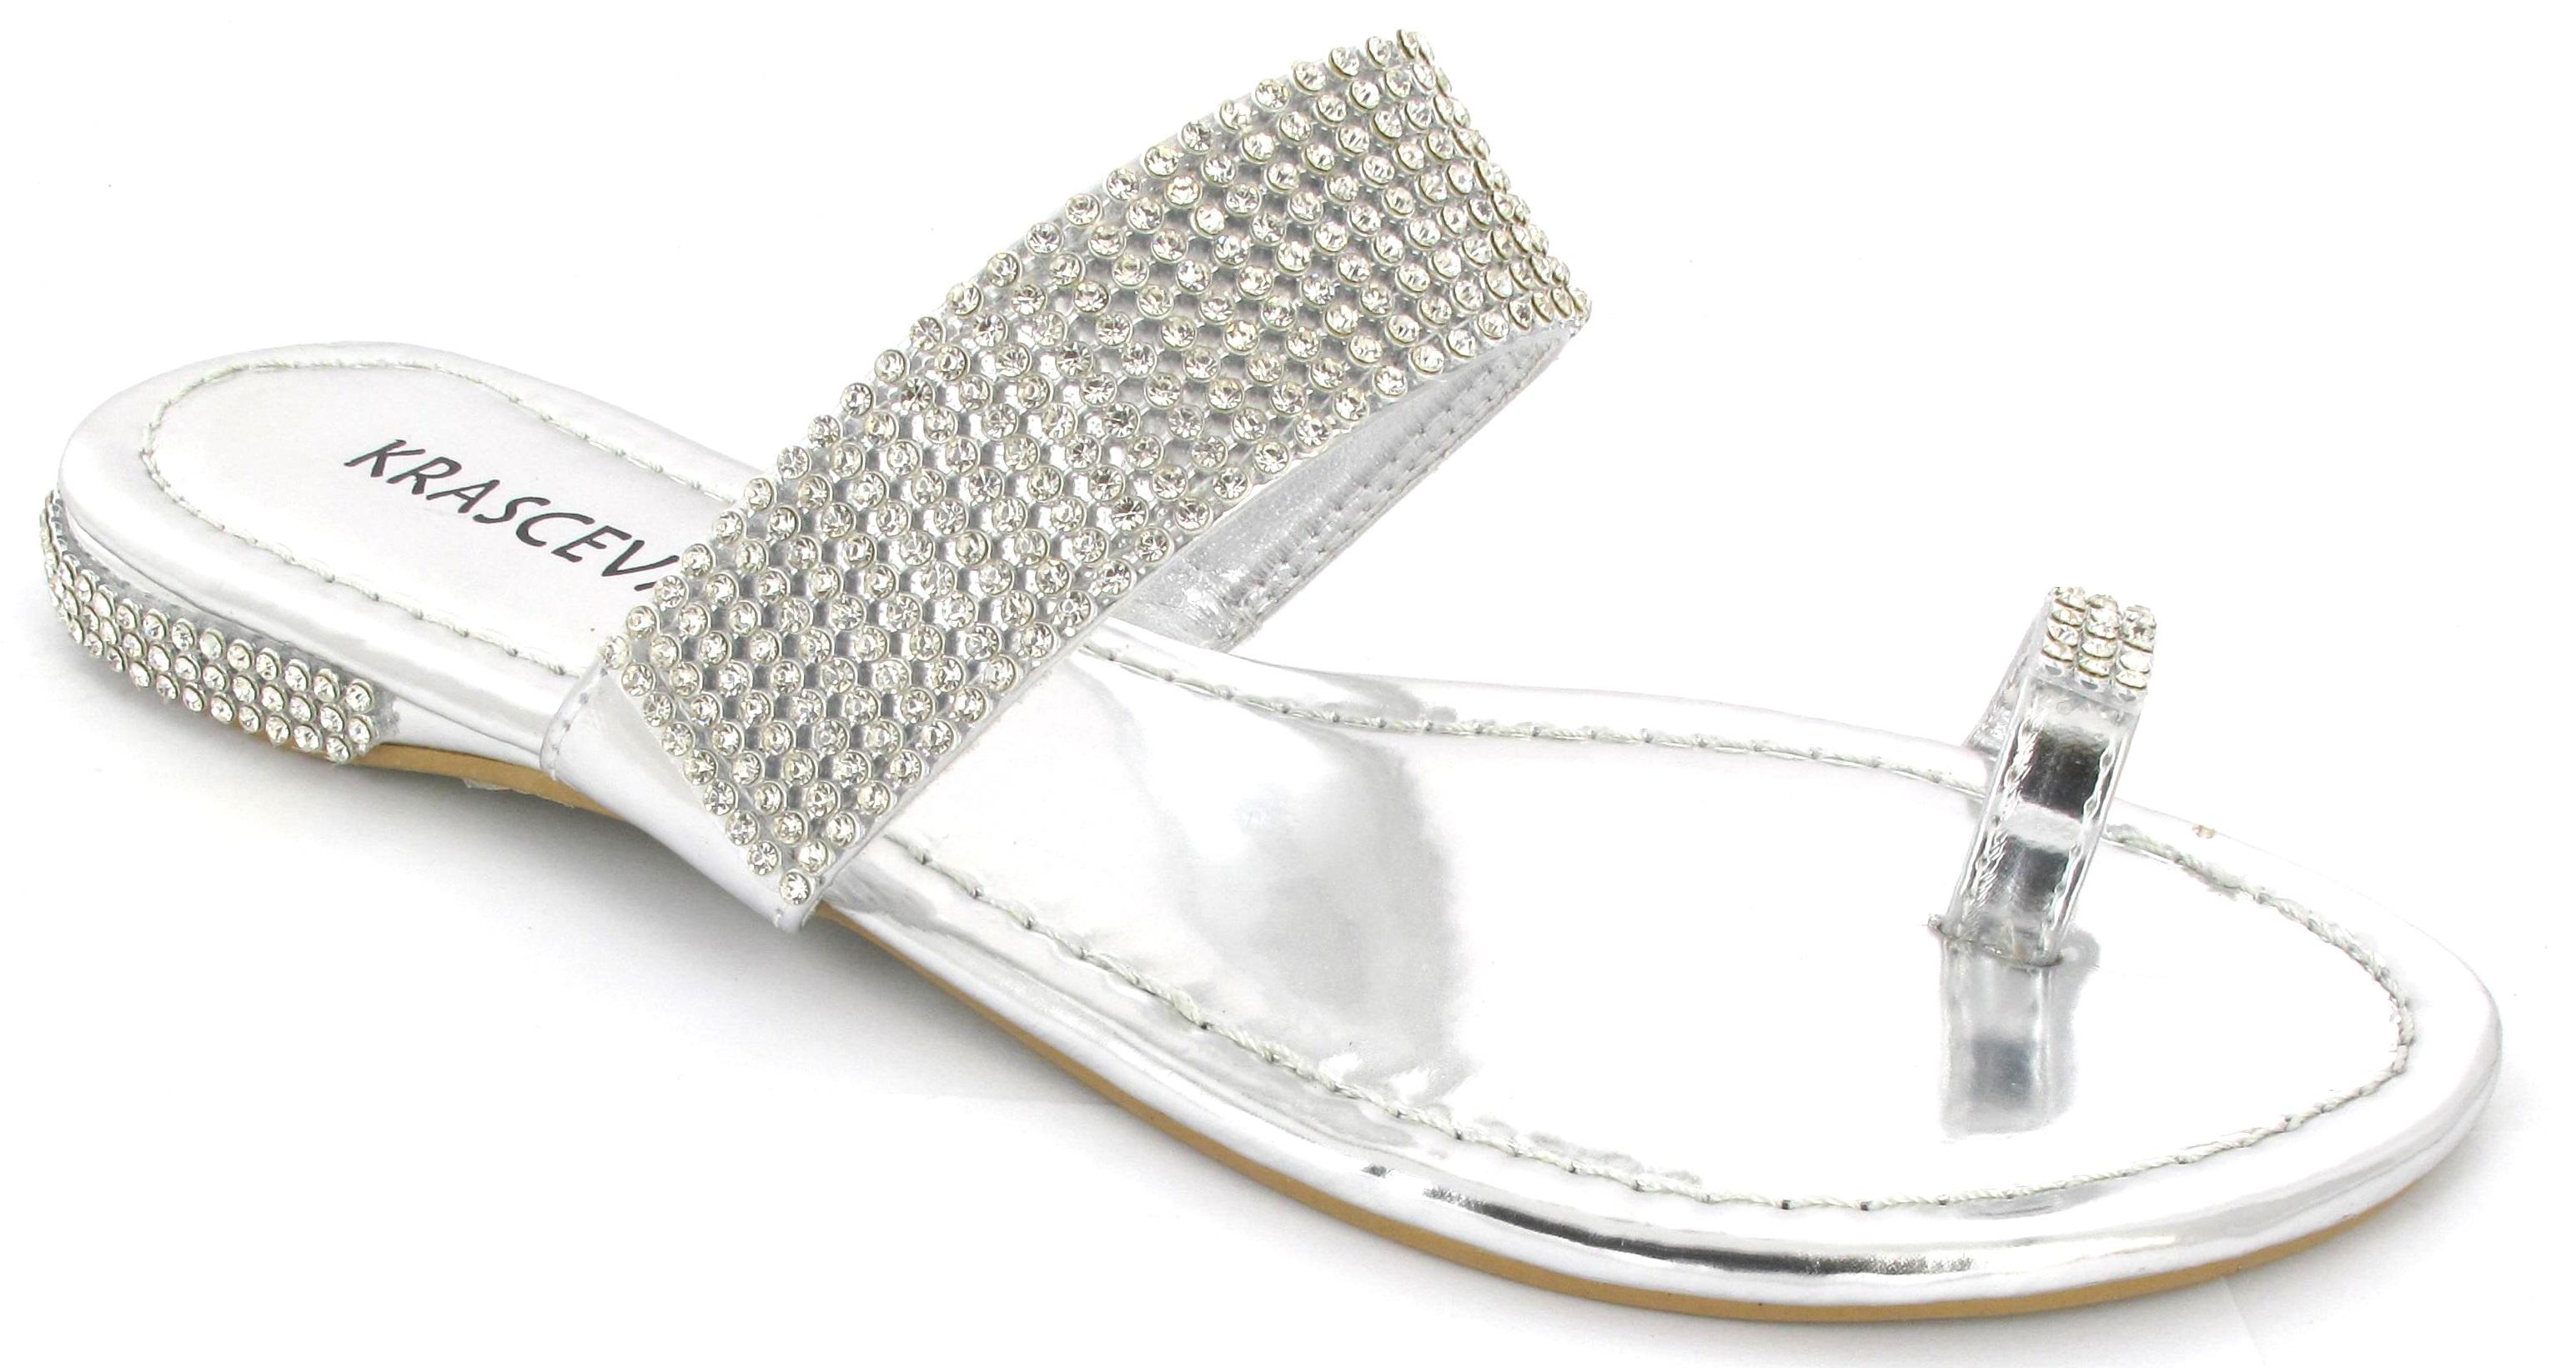 522220037382c Clothing, Shoes Accessories Women's Shoes Sandals Flip Flops